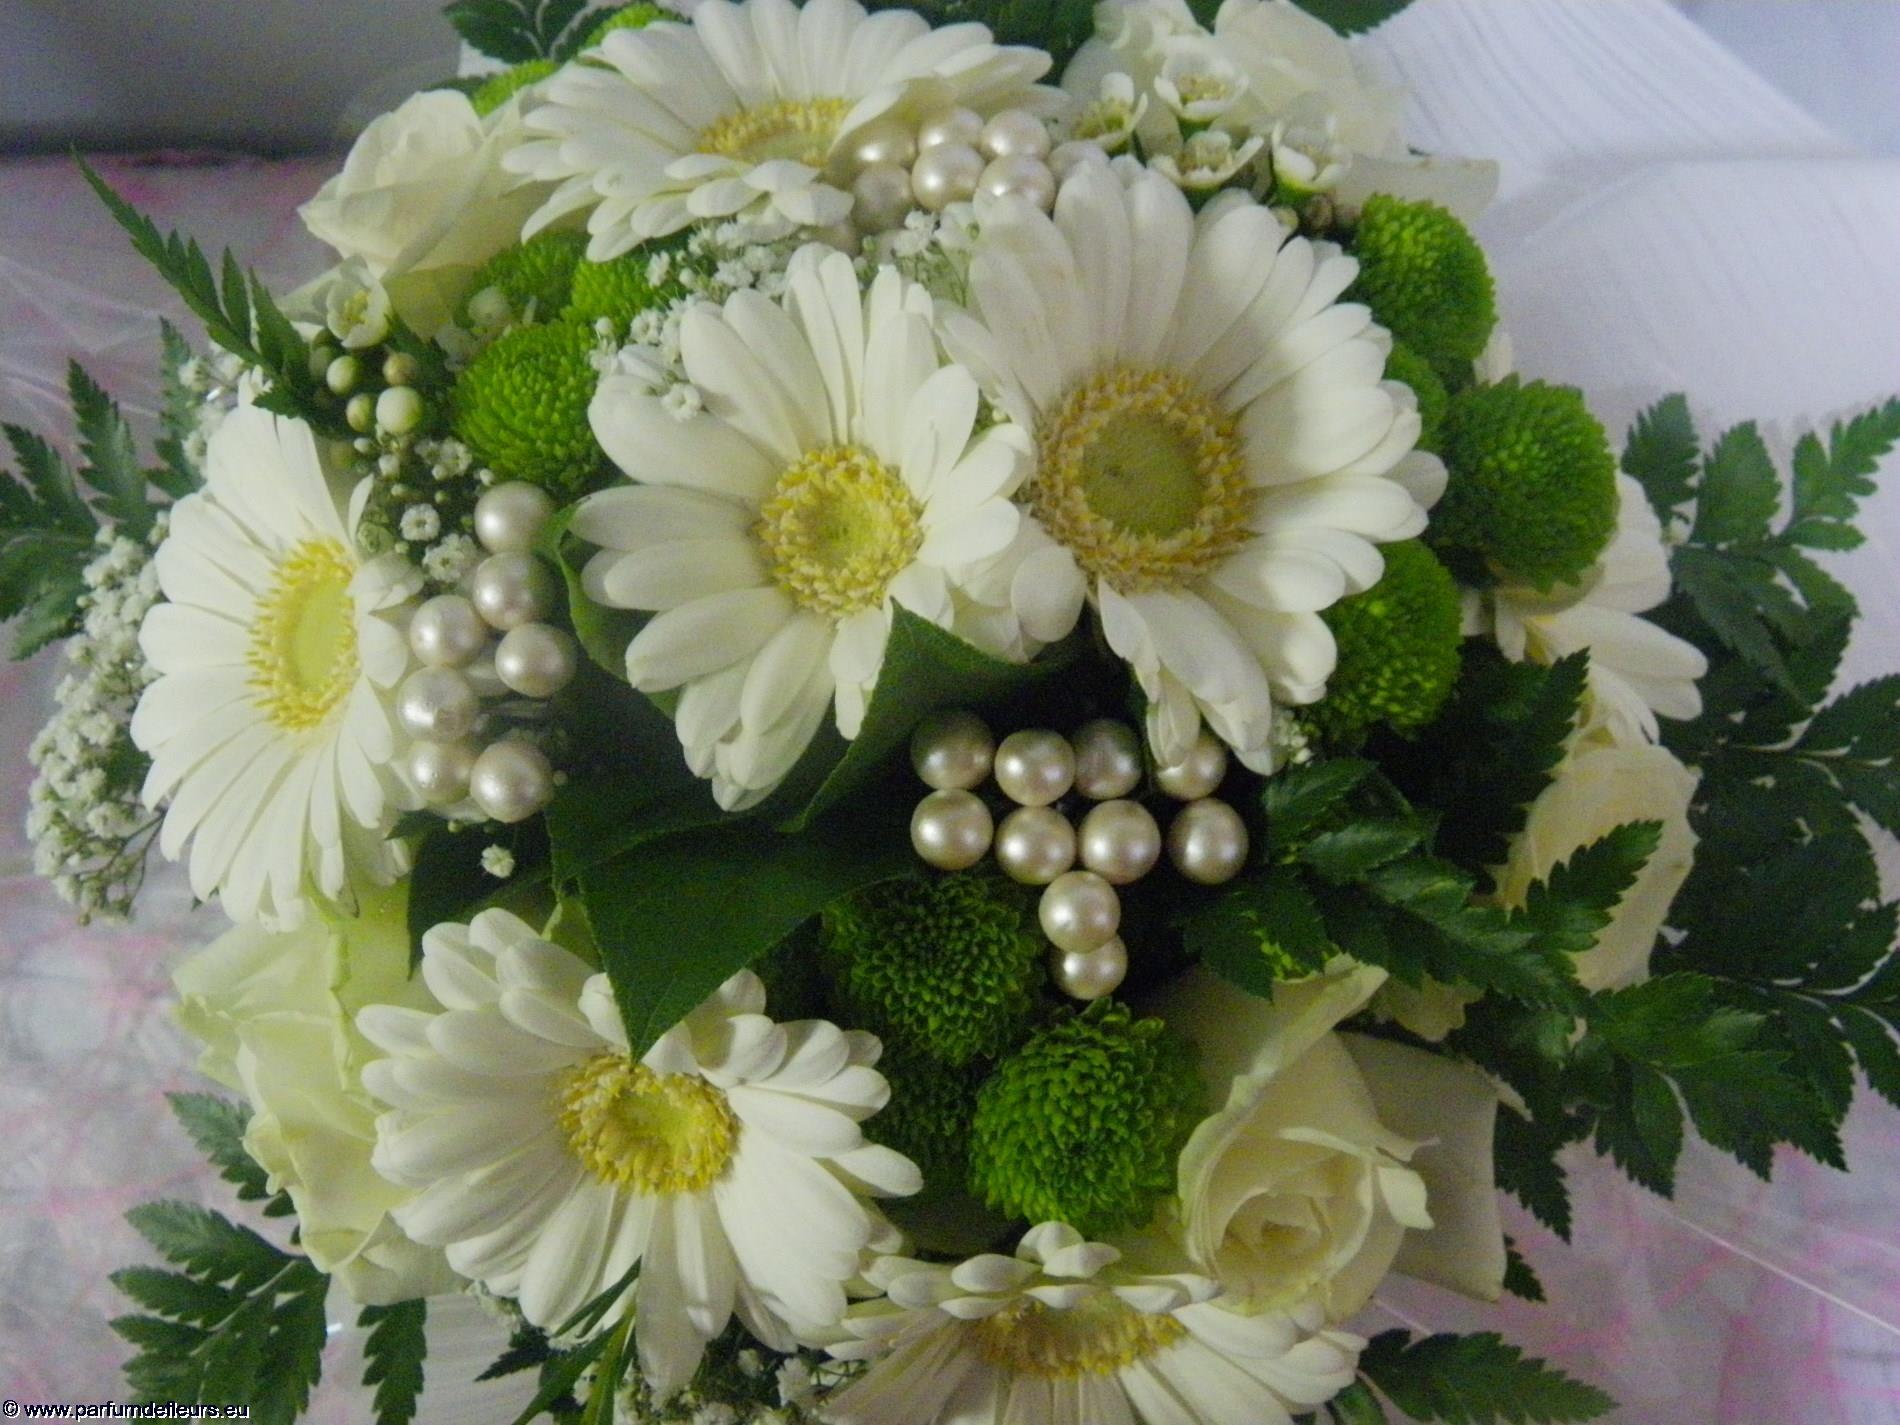 offrir-des-fleurs_fonds-ecran_08